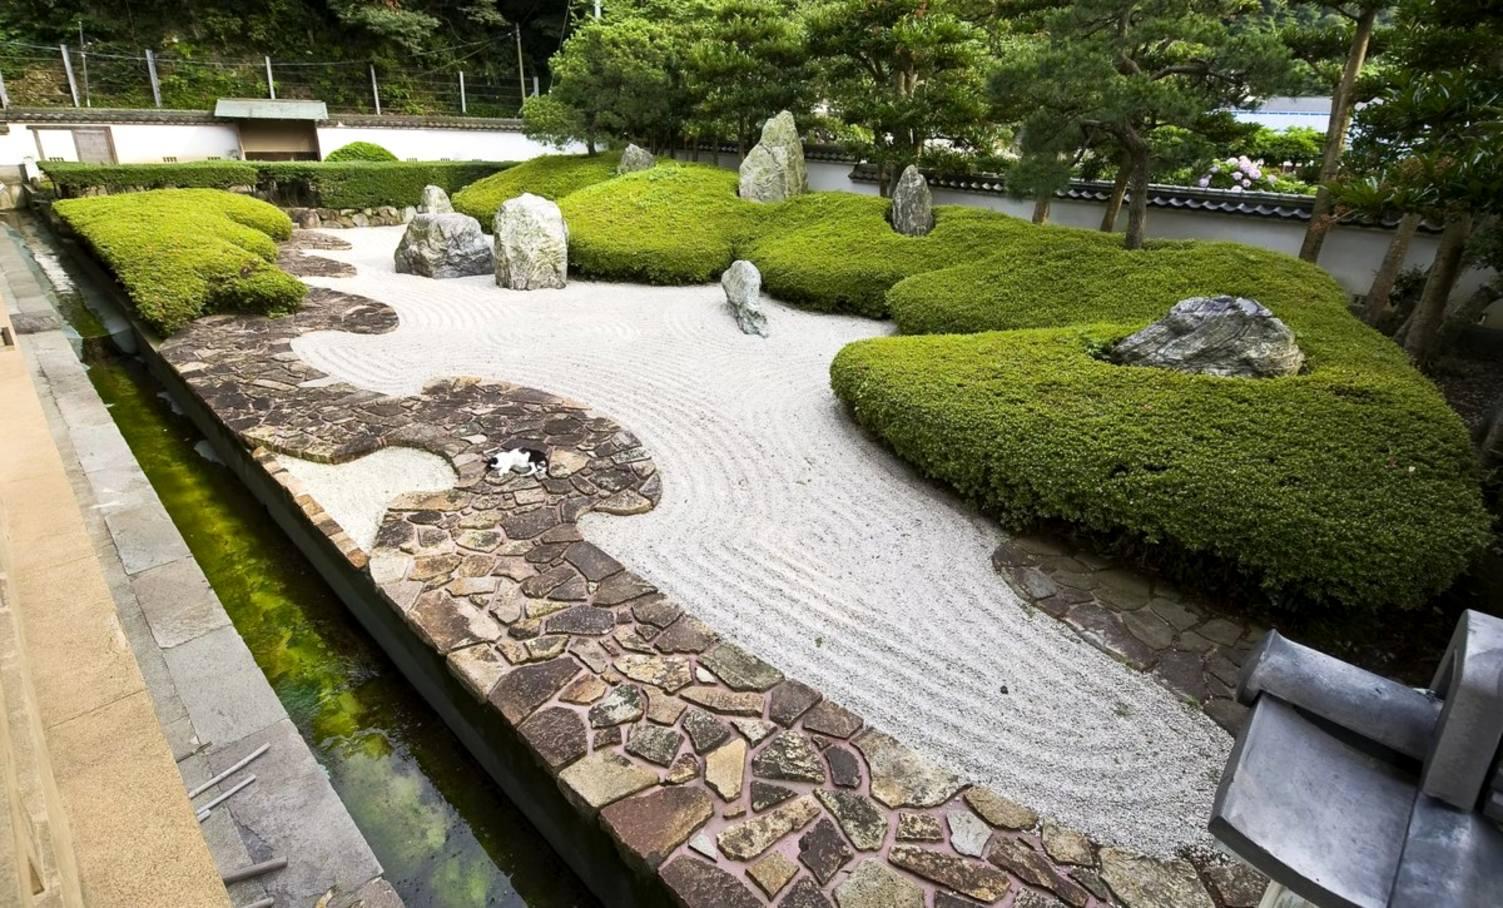 сделать сад камней своими руками фото впервые задумались приобретении